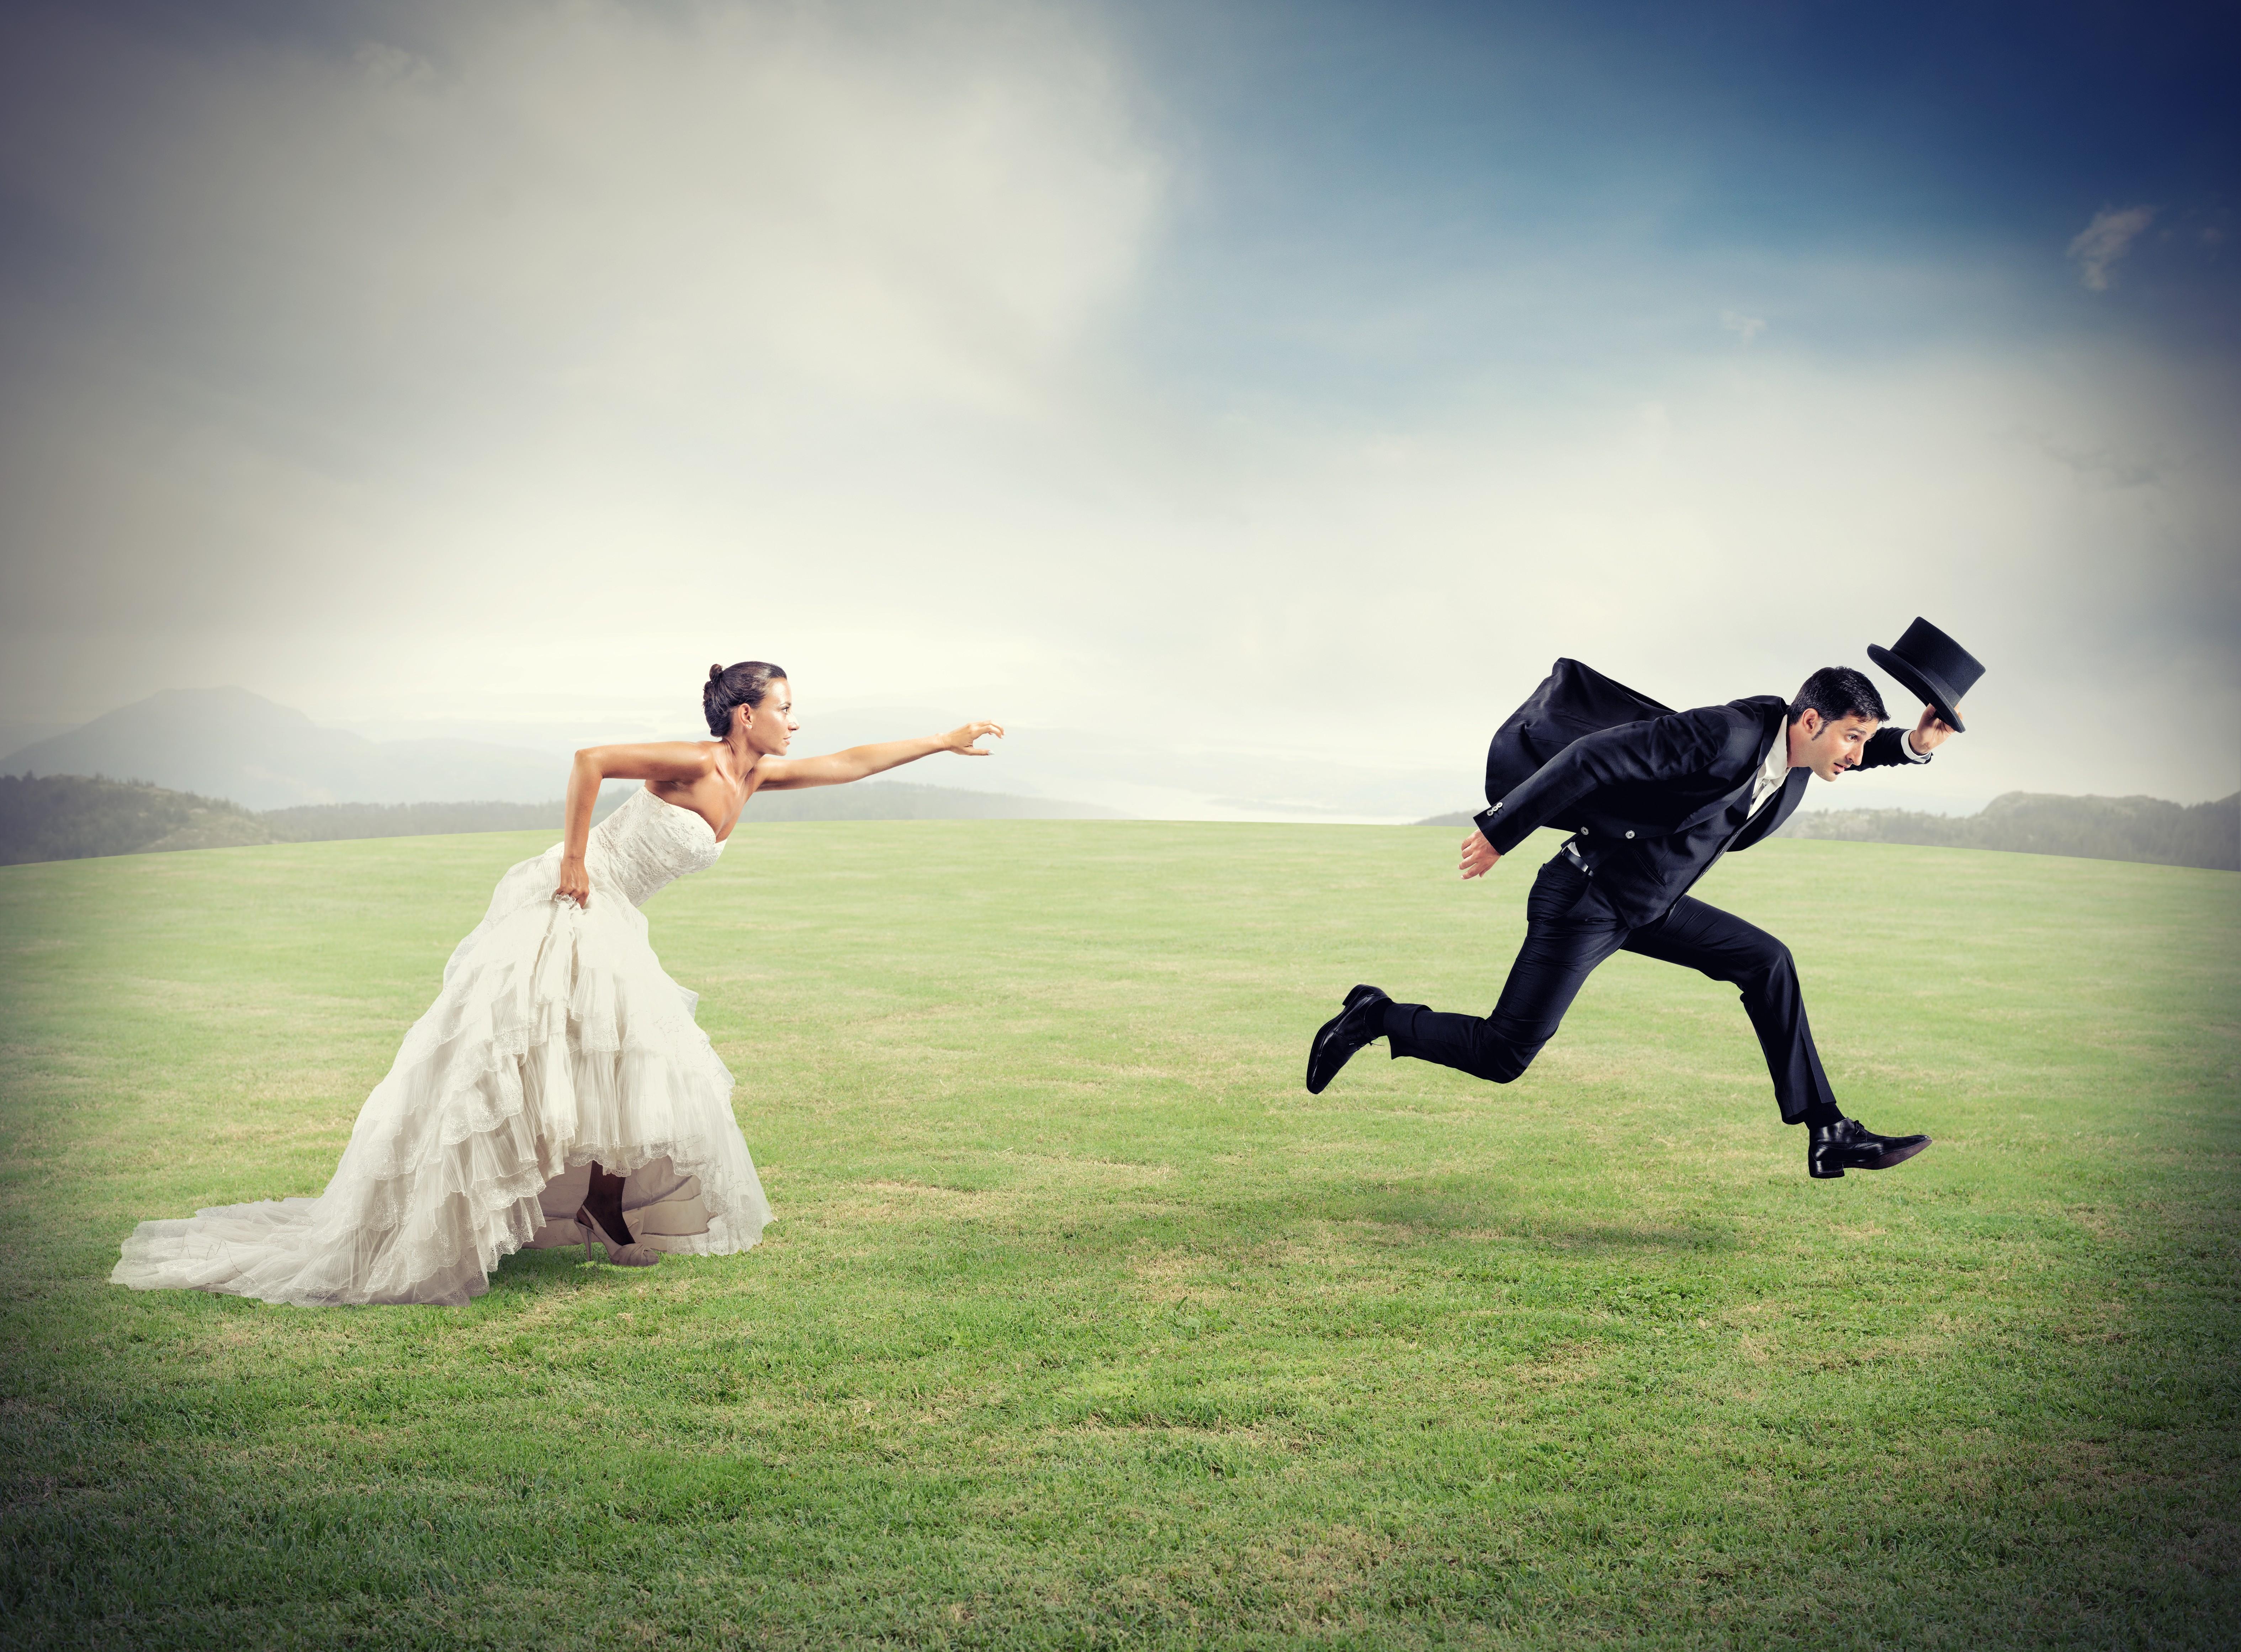 İlişkilerde Kaçan Kovalanır Mı